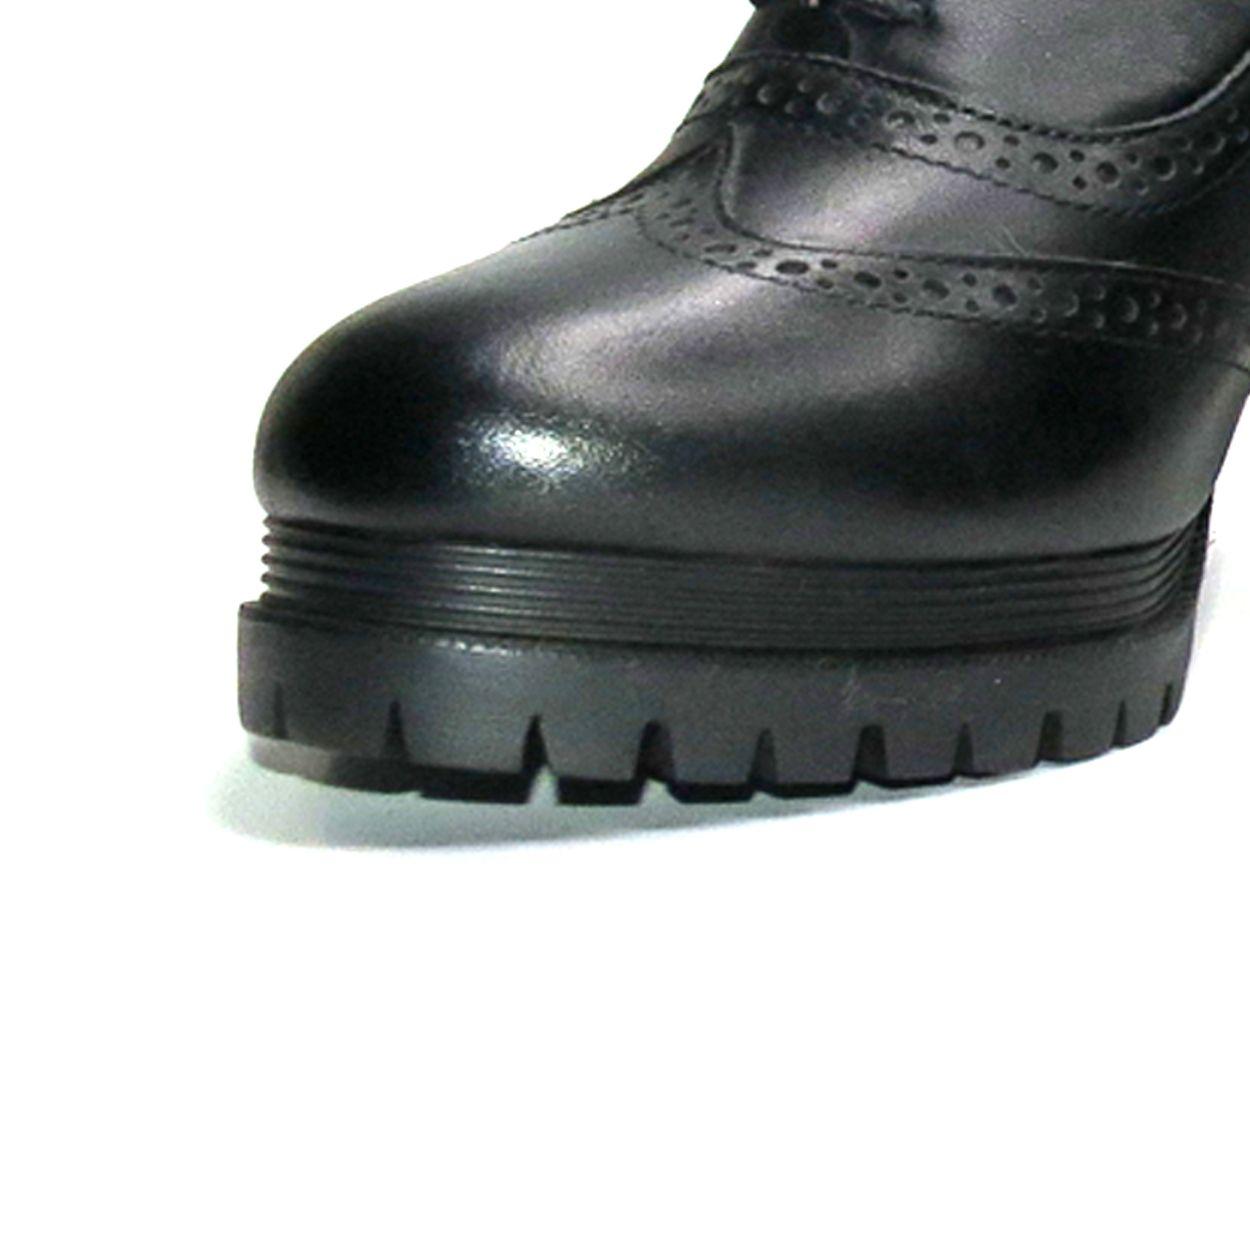 کفش زنانه آر اند دبلیو مدل 603 رنگ مشکی -  - 9